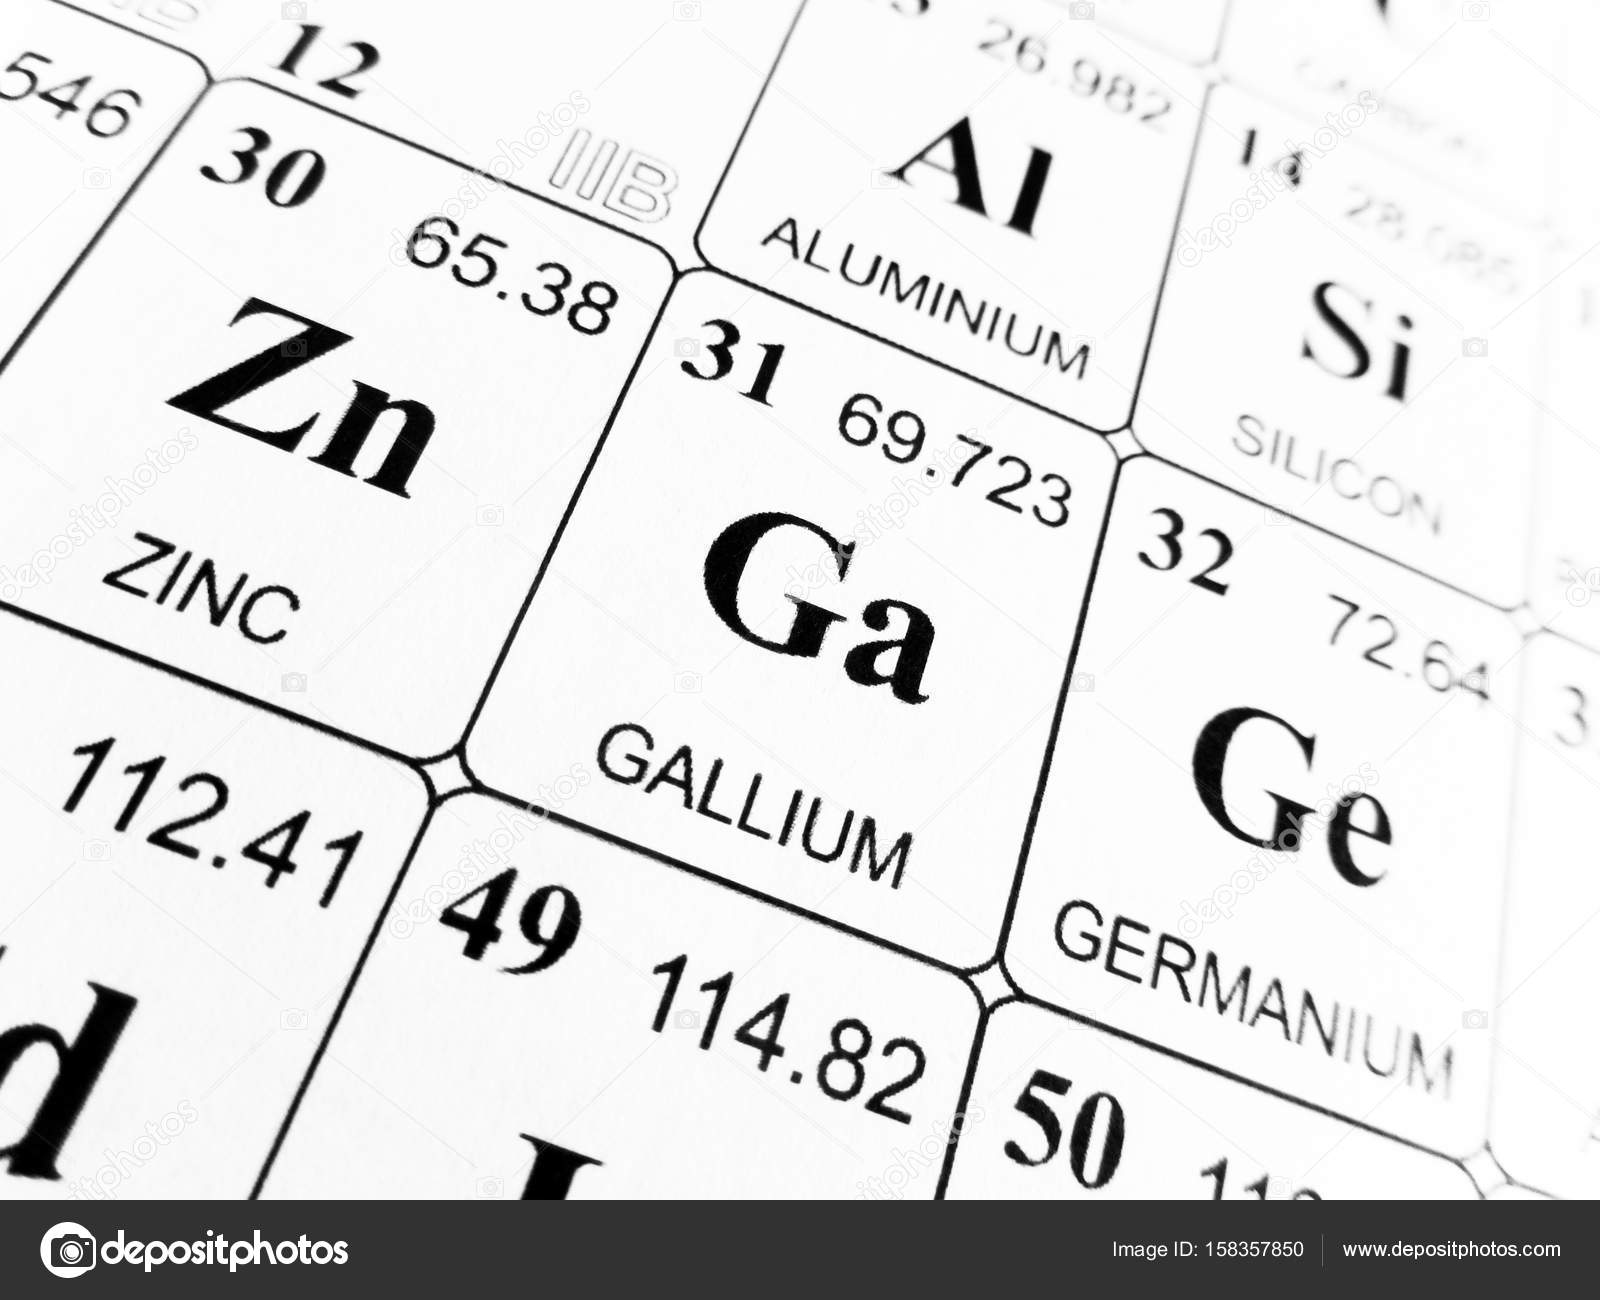 galio de la tabla peridica de los elementos foto de stock - Tabla Periodica De Los Elementos Galio